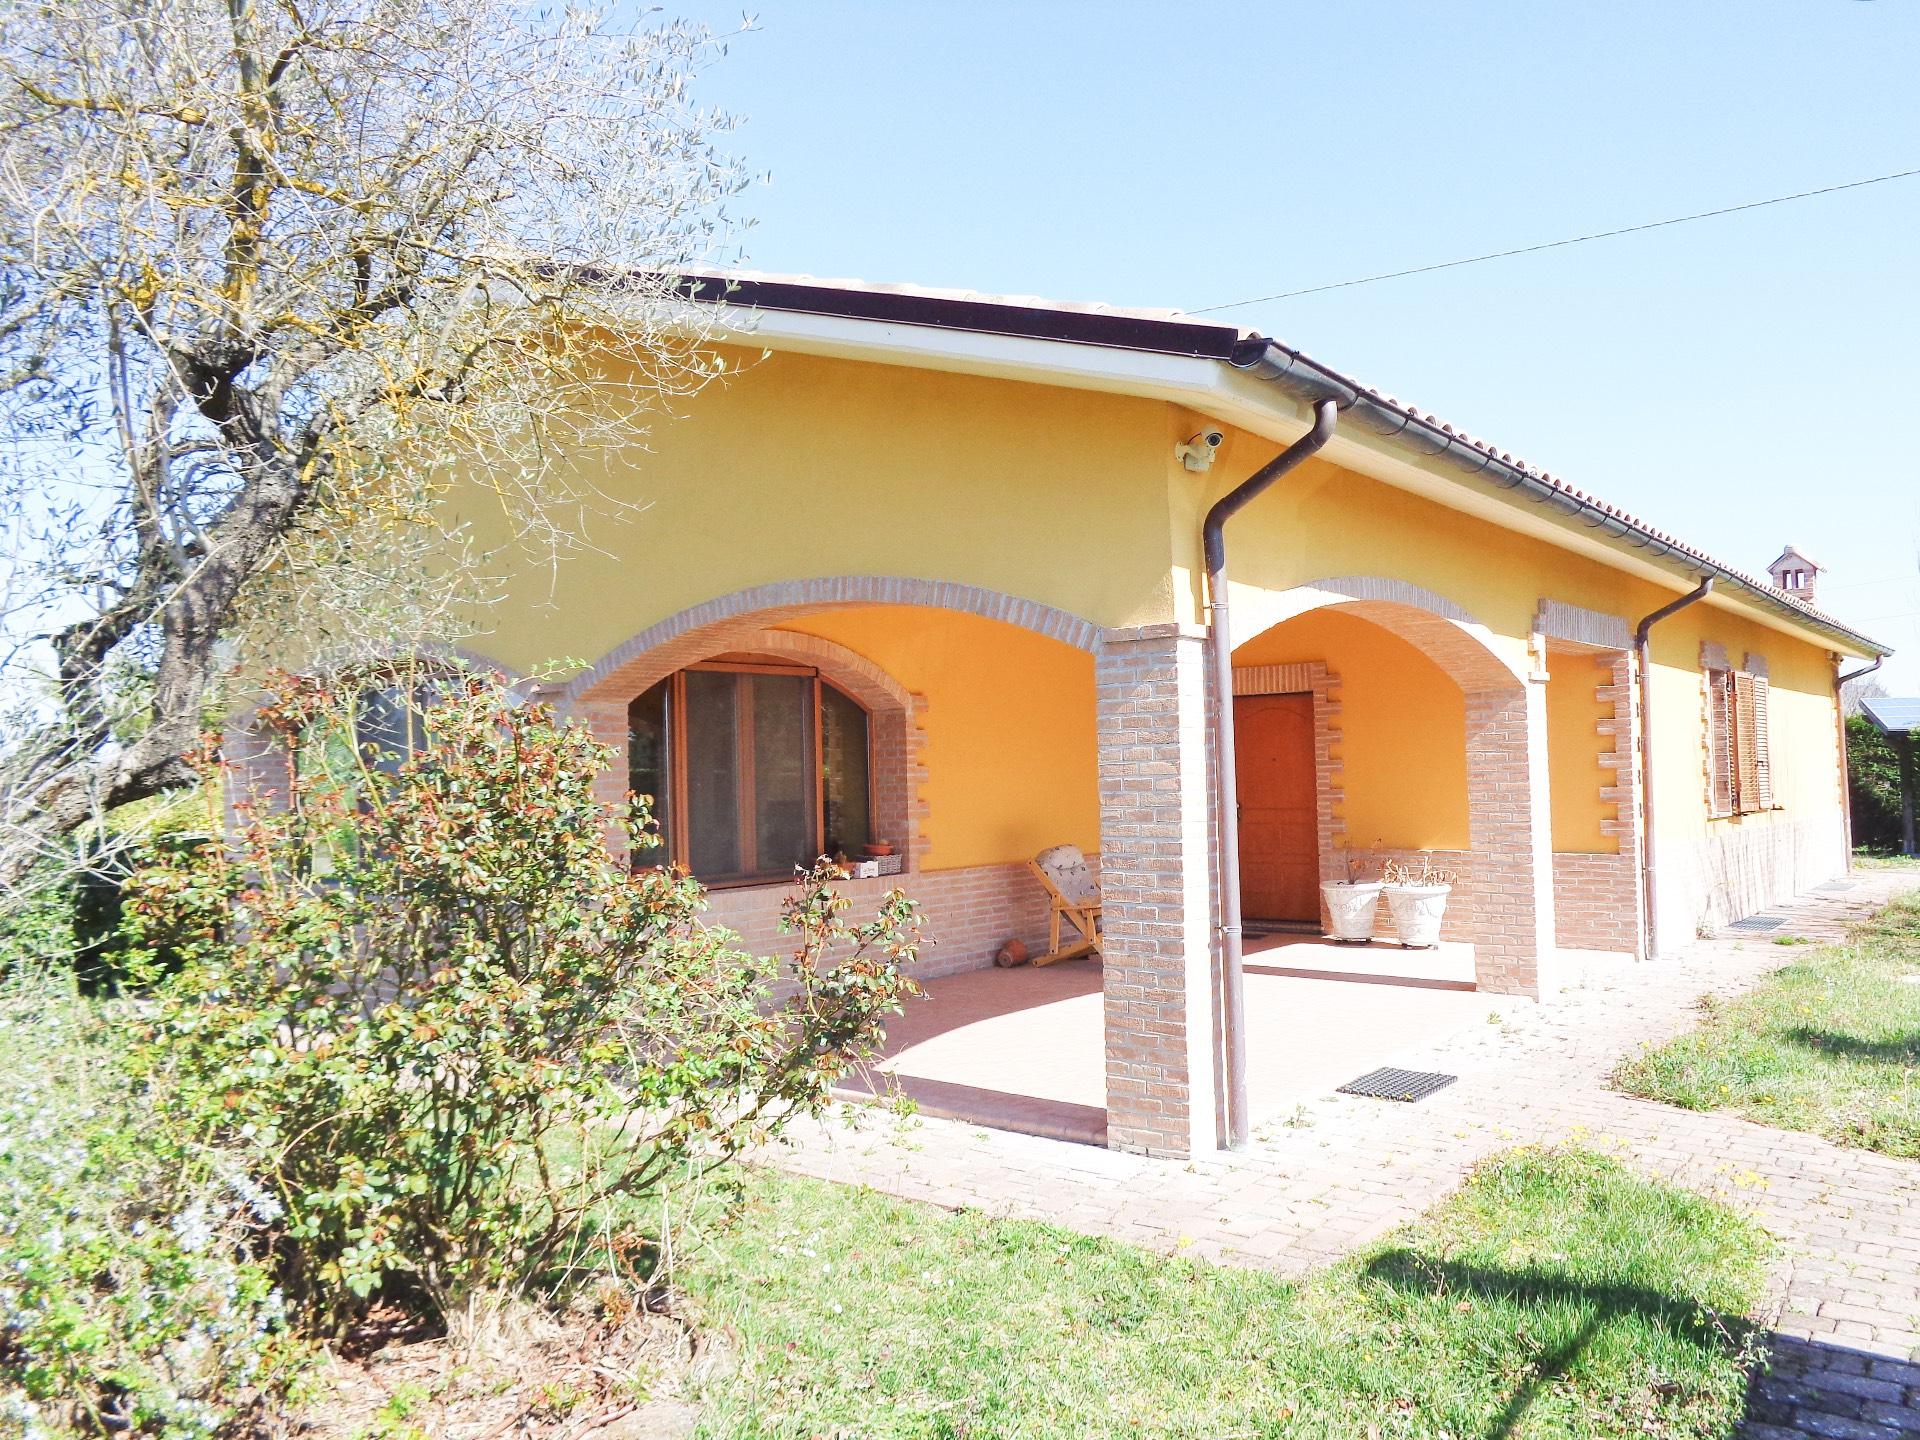 Villa in vendita a Sassoferrato, 7 locali, prezzo € 375.000   CambioCasa.it